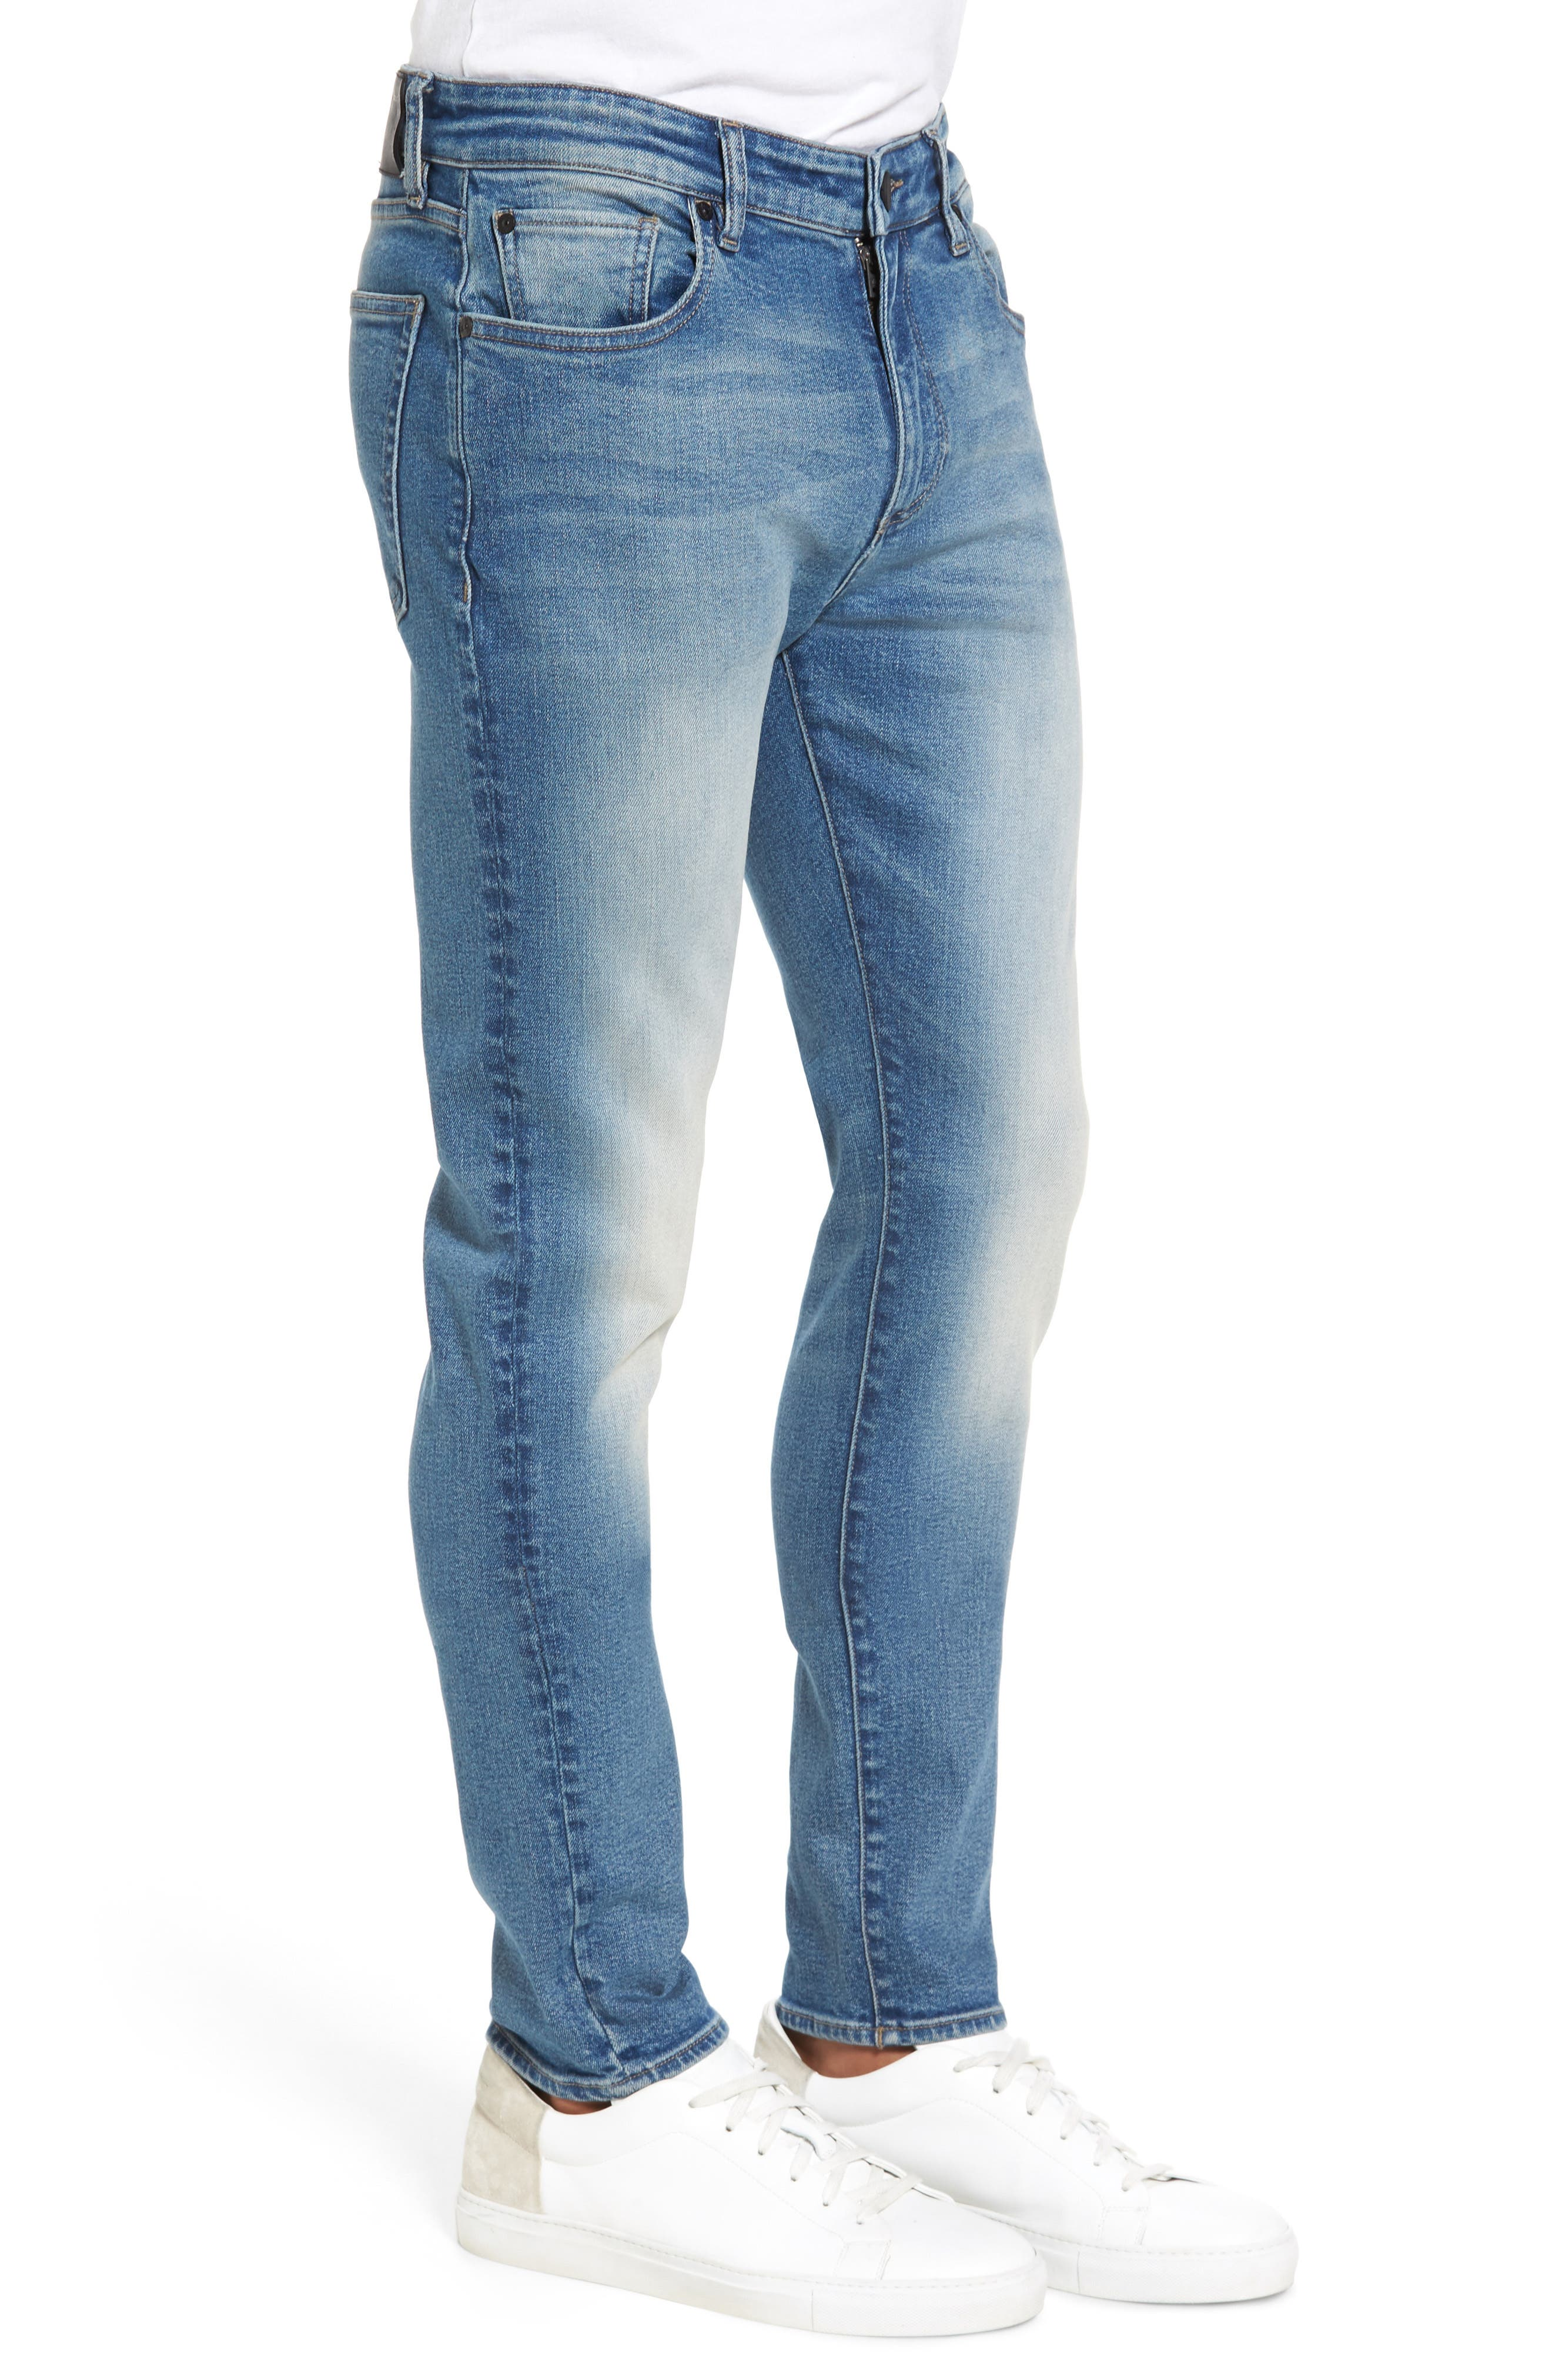 Hunter Skinny Jeans,                             Alternate thumbnail 3, color,                             HALT 2